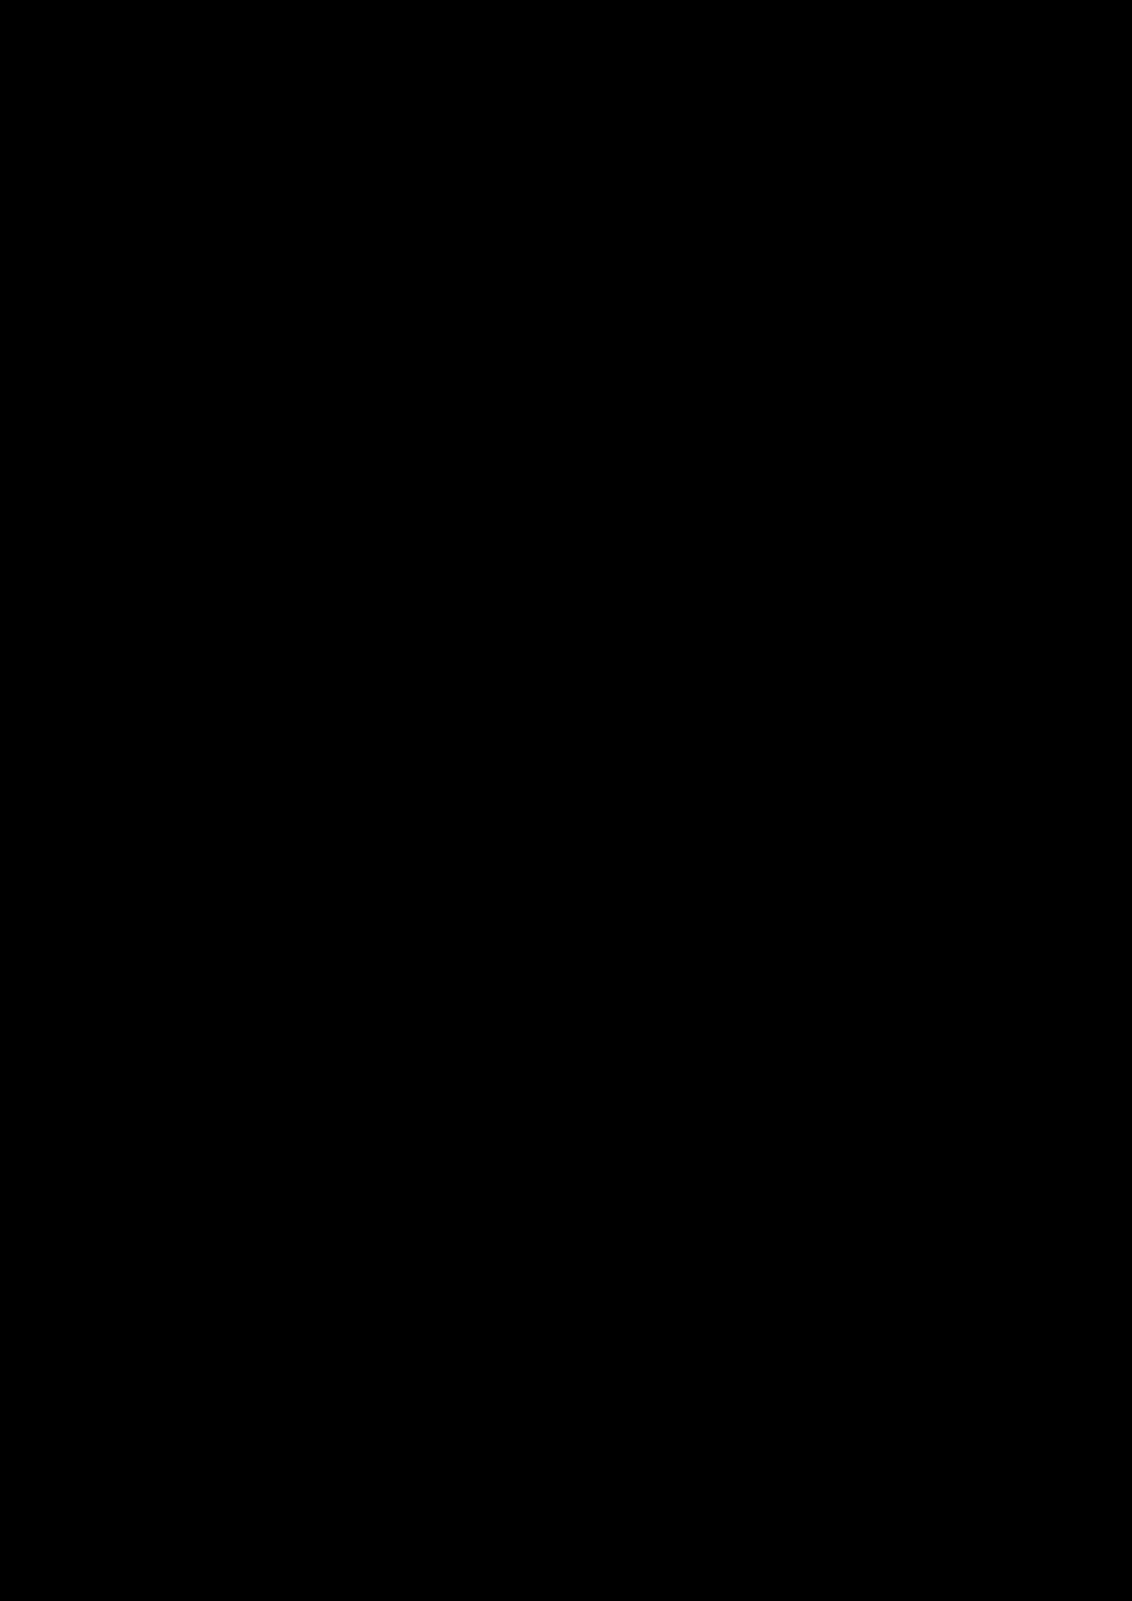 Vyibor Est slide, Image 58